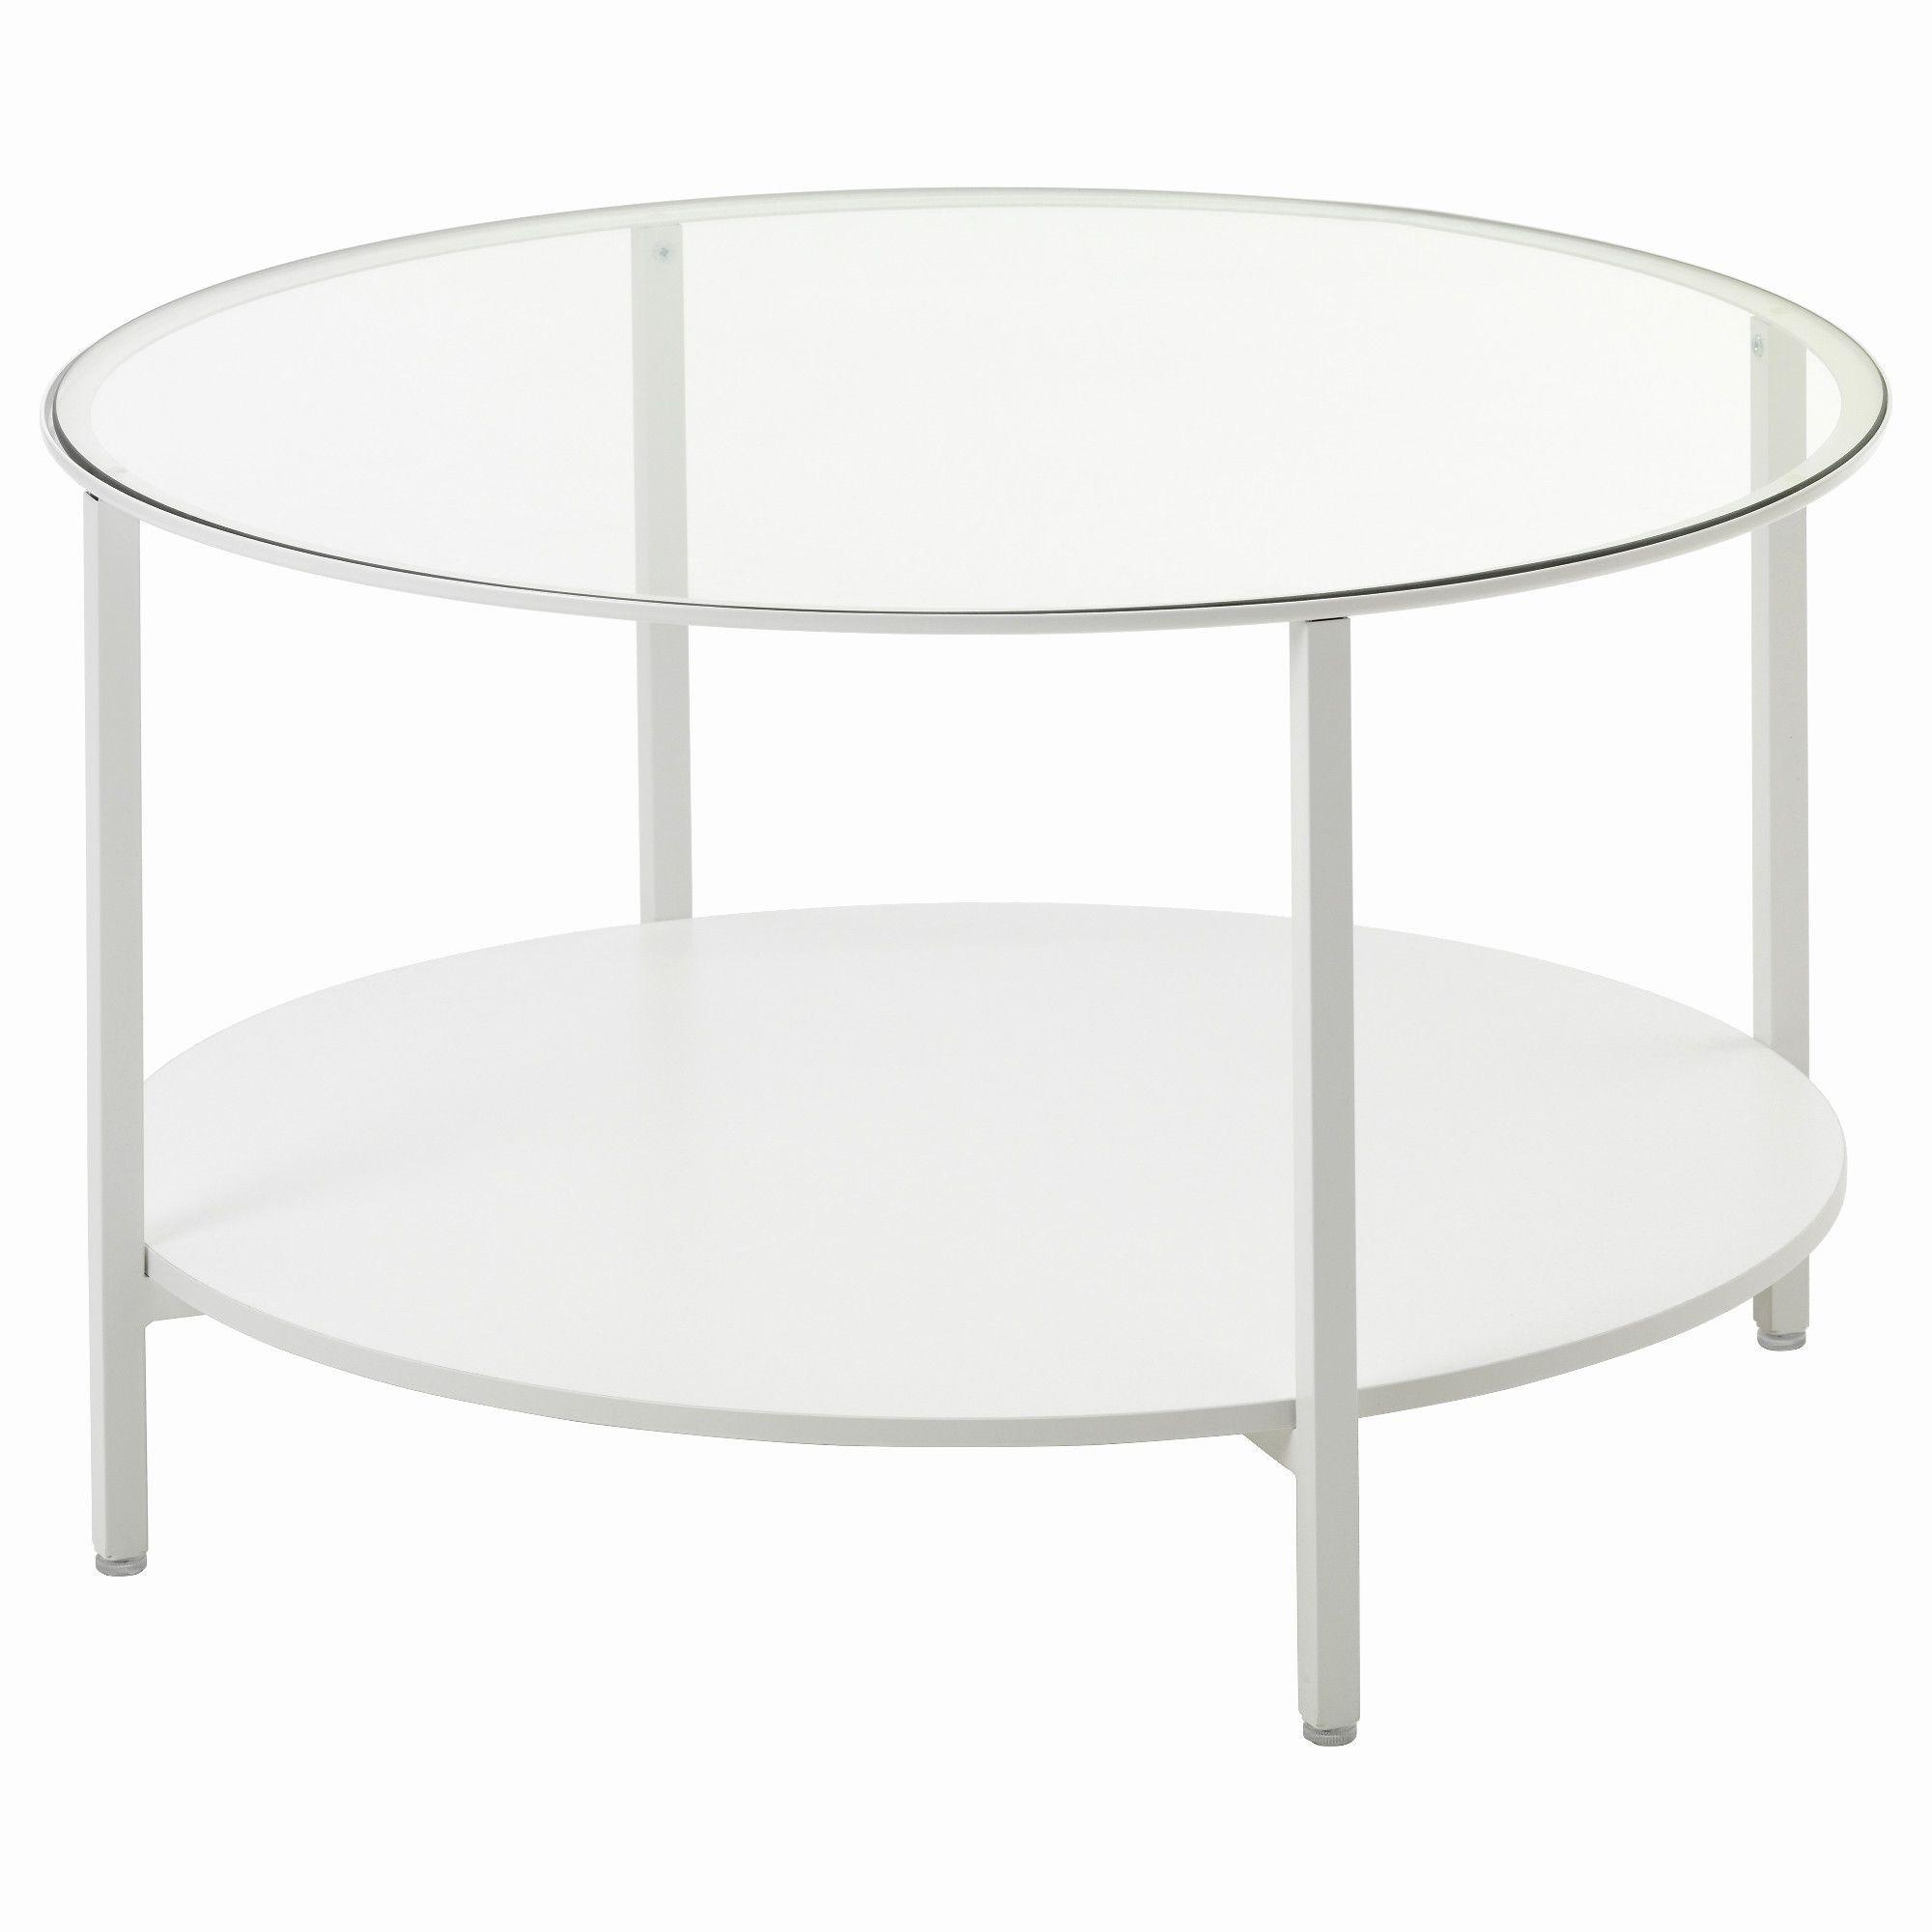 Full Size of Ikea Sthle Mit Armlehne Tisch Rund Einzig Wohnideen Modulküche Betten Bei 160x200 Miniküche Sofa Schlaffunktion Küche Kosten Kaufen Bartisch Wohnzimmer Bartisch Ikea